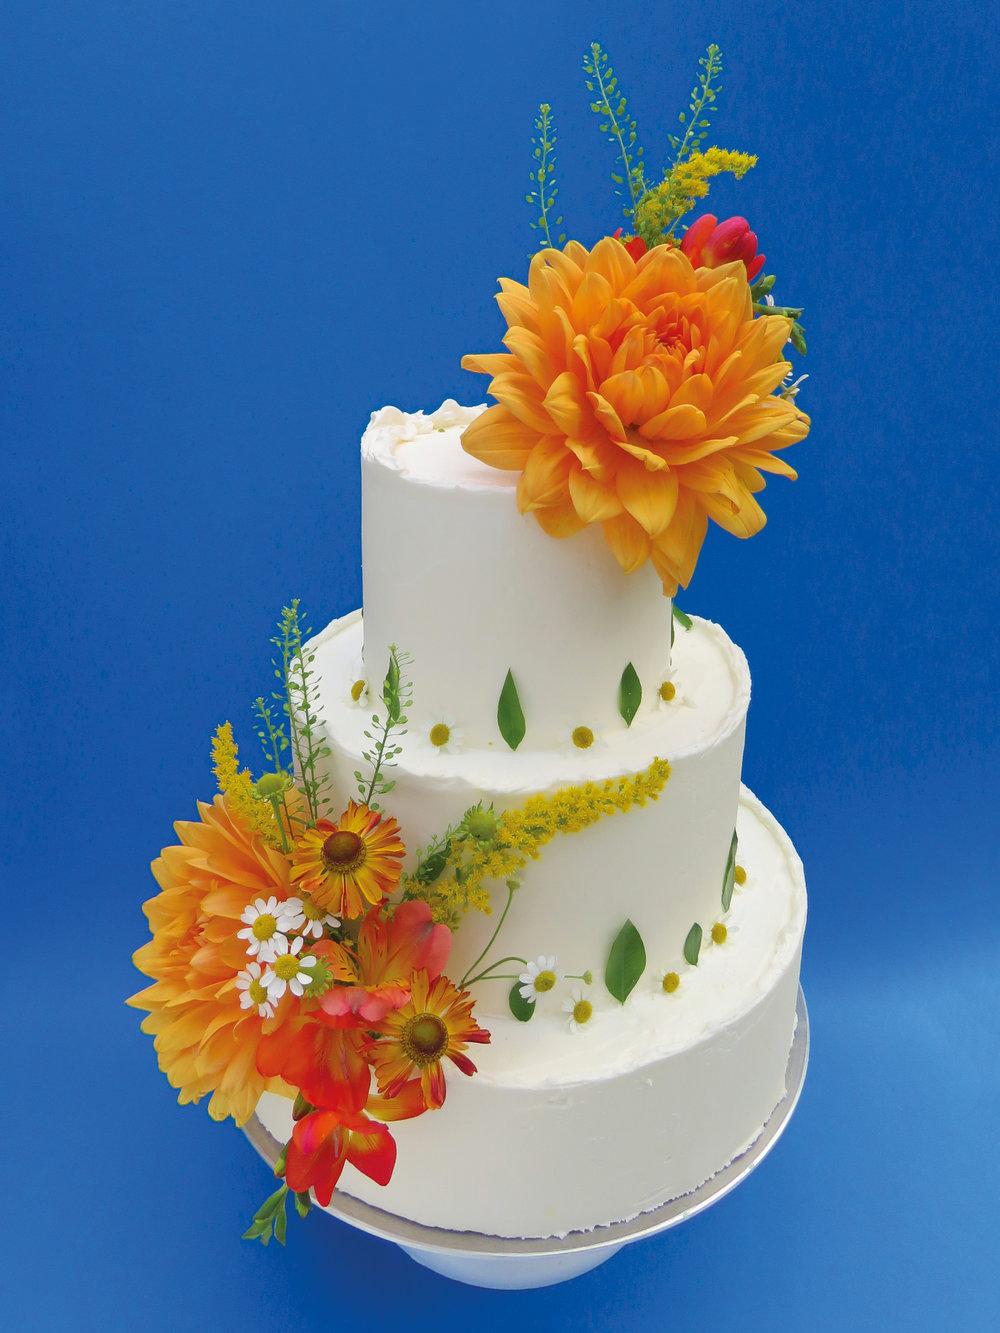 TGB_Cake_3000x4000px_72dpi12.jpg